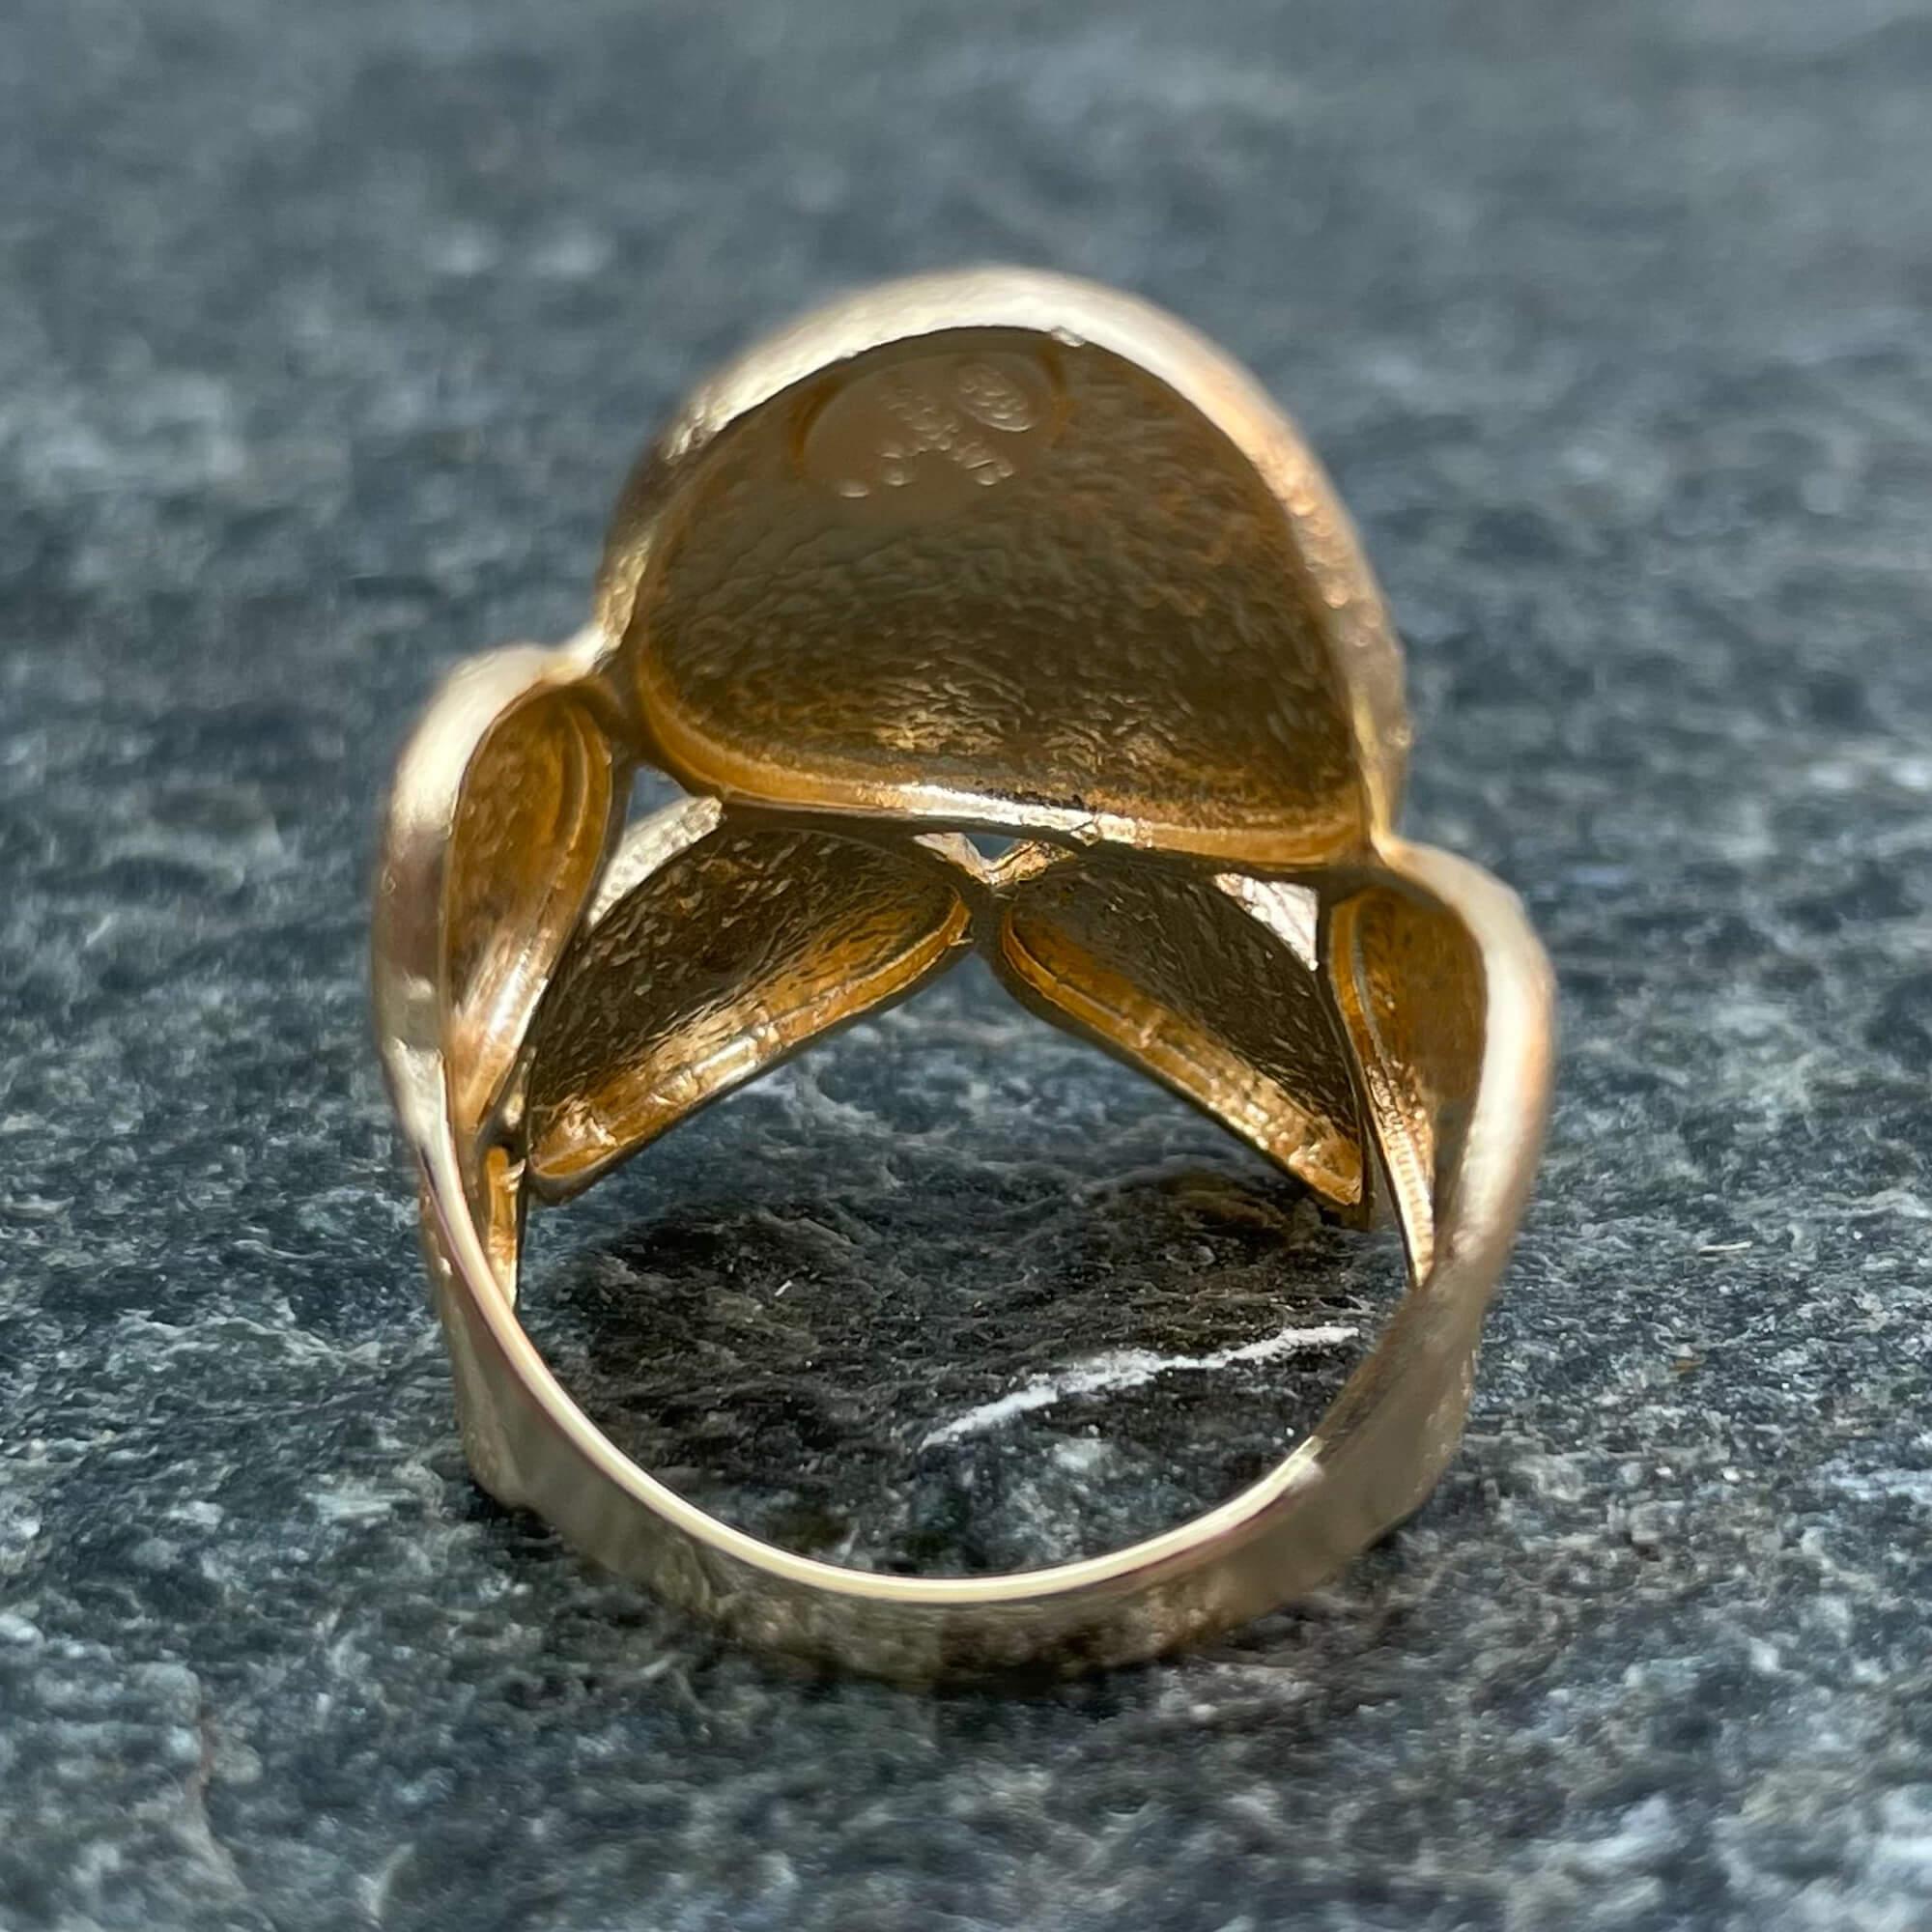 Vergulde ring met ovaalvormige bewerkingen